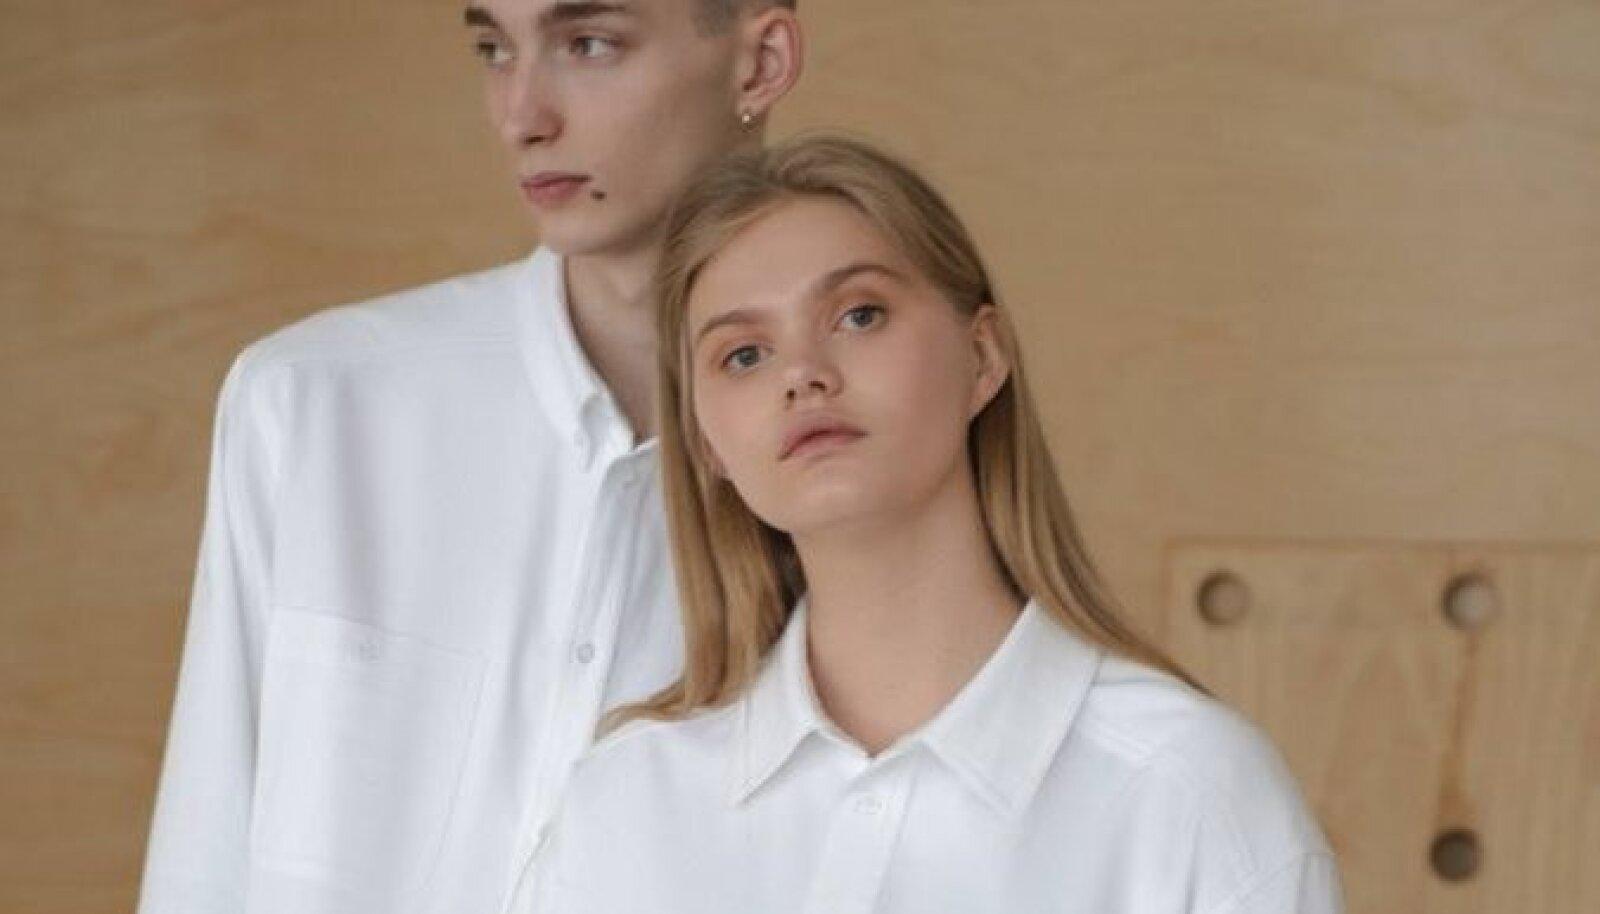 Коллекция NNedre - одного из российских брендов, которые производят одежду по принципу устойчивости